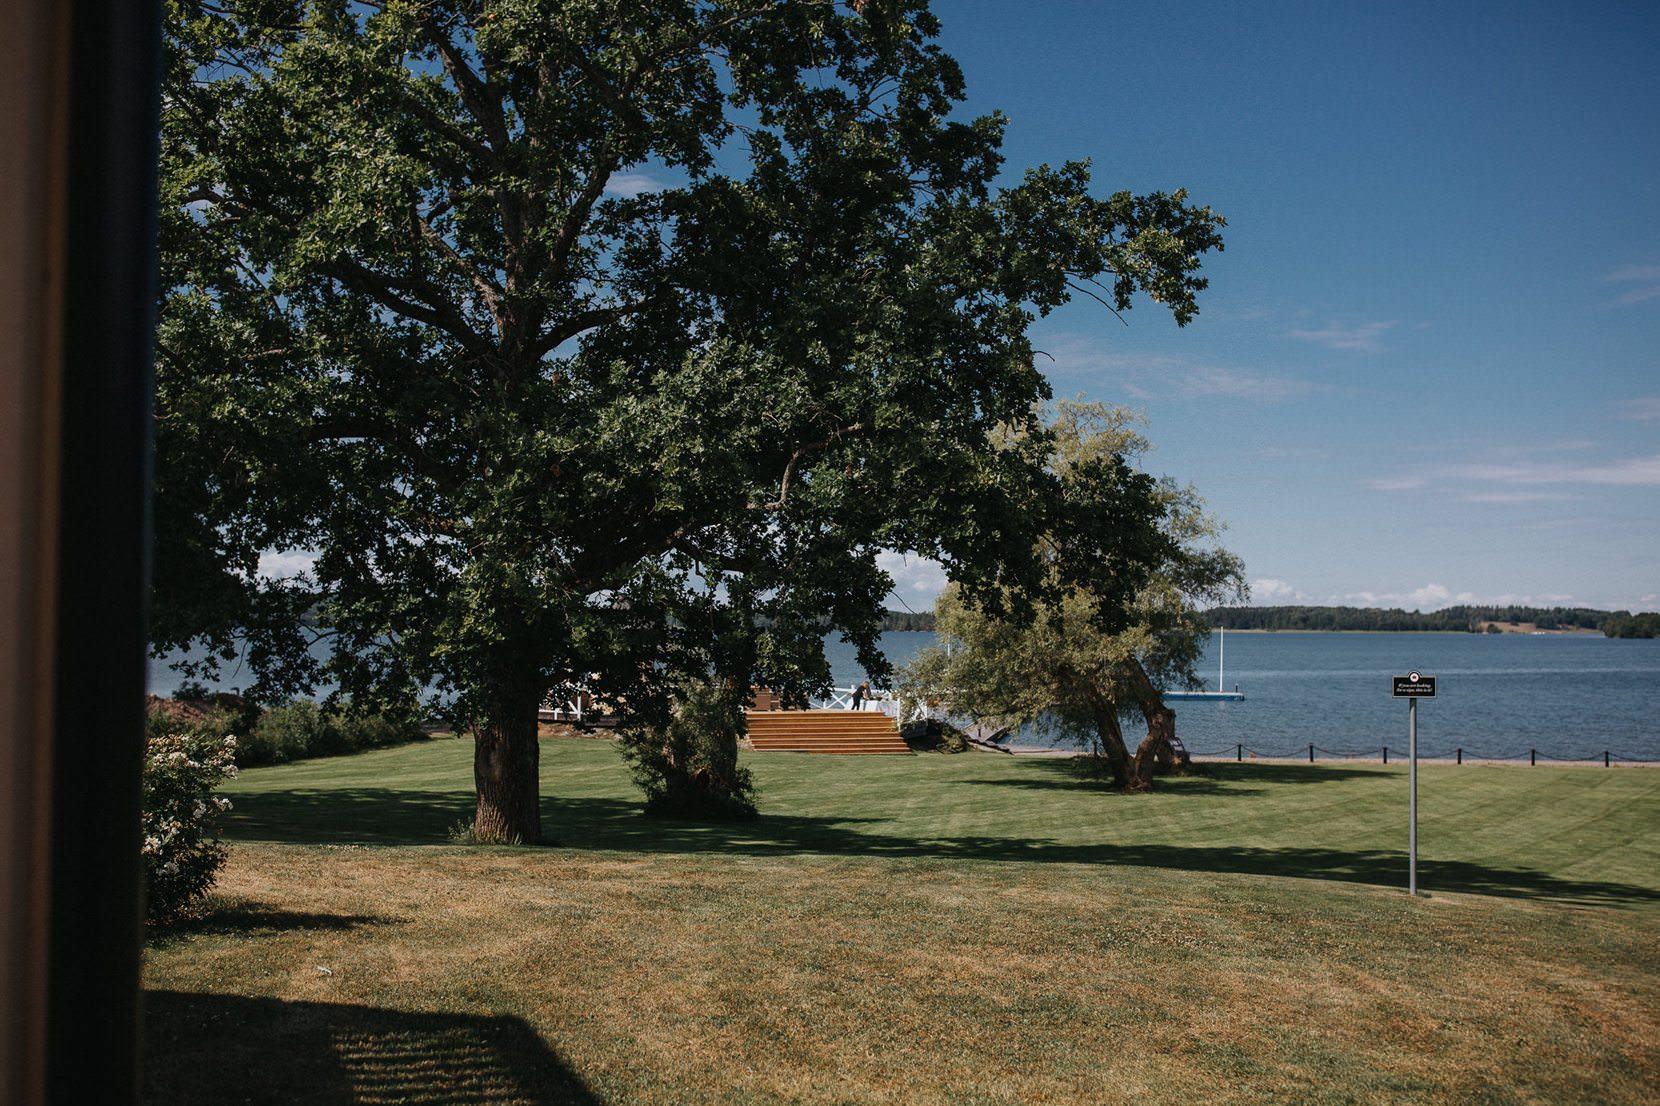 """BRÖLLOPSFOTOGRAF KRÄGGA HERRGÅRD STOCKHOLM Krägga herrgård ligger vid Ekolsundsviken i Mälaren bara 45min från vår vackra huvudstad, Stockholm. Krägga herrgård finns omnämn i käller daterade till sent 1300-tal. Den nuvarande herggårdsbyggnaden uppfördes dock först i mitten av 1800-talet. MEd över 100 hektar mark fördelat på skog och ängar har Krägga herrgård blivit en populär vistelse och hushåller med bröllop sedan 1985. Bröllopsfotograf Krägga herrgård Stockholm. XXXX ÄNTLIGEN DAGS FÖR BRÖLLOP Allt började med ett litet """"Hej, jag heter Malin och jag skall gifta mig med världens mest underbara människa och vi måste ha dig som vår bröllopsfotograf"""" Vad jag inte visste då var att bara 2 år tidigare hade Malin och hennes blivande man Ashkan träffats på en Snoop konsert i Uppsala där båda kommer ifrån och att det tydligen blivit något i stil med, kärlek vid första ögonkastet. Så klart, vad är mer romantiskt än Snoop Dogg liksom. Bröllopsfotograf Krägga herrgård Stockholm. XXXXXX SVENSKT OCH PERSISKT BRÖLLOP PÅ KRÄGGA HERRGÅRD Ashkan kommer ursprungligen från Iran och Malin från Sverige. Därför var det givet att deras bröllop kommer ta det bästa ur båda kulturerna. Ett fantastiskt bröllop med härlig blandning av persisk dans, blommor i håret och honung på fingrarna! Bröllopsfotograf Krägga herrgård Stockholm. Jag vill med detta inlägg tacka Malin och Ashkan för att jag fått vara med och dokumentera deras stora dag. Sedan vill jag även tacka alla gäster och brudparets familjer för de hjälpte till att göra denna dagen oförglömlig. All lycka till brudparet! Se även Malin & Ashkans bildspel från deras stora dag. // Loke Roos XXXXXXXXX Se även Bröllop från Krusenberg herrgård - Rosenlunds Gård - Norrvikens Trädgårdar BRÖLLOP PÅ KRÄGGA HERRGÅRD Stanna tiden och var i nuet. Andas in den förtjusande doften av parfym och från blommorna i brudbuketten. Känn hjärtat som slår i bröstet och fjärilarna som dansar i magen. Hör fnisset från brudnäbbarna och myllret av förväntansfulla g"""